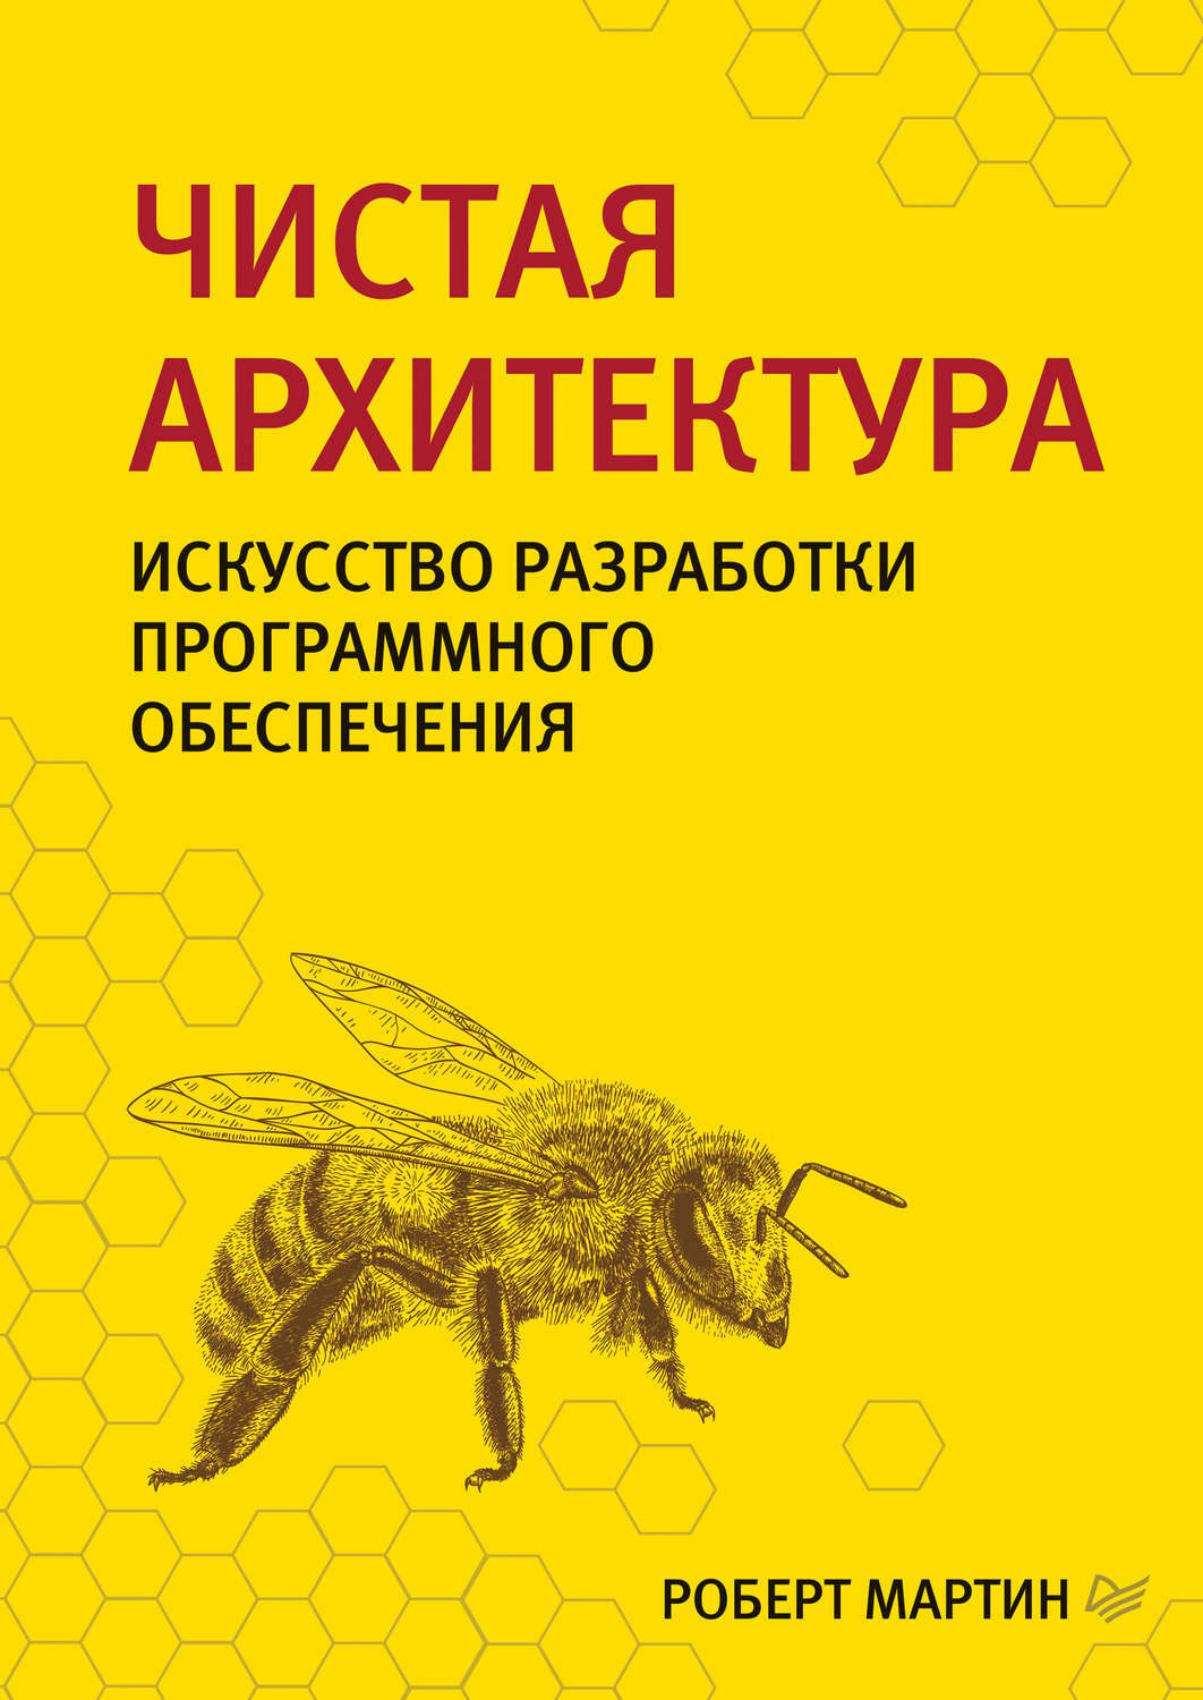 Книжная полка программиста: топ-10 для C# разработчиков